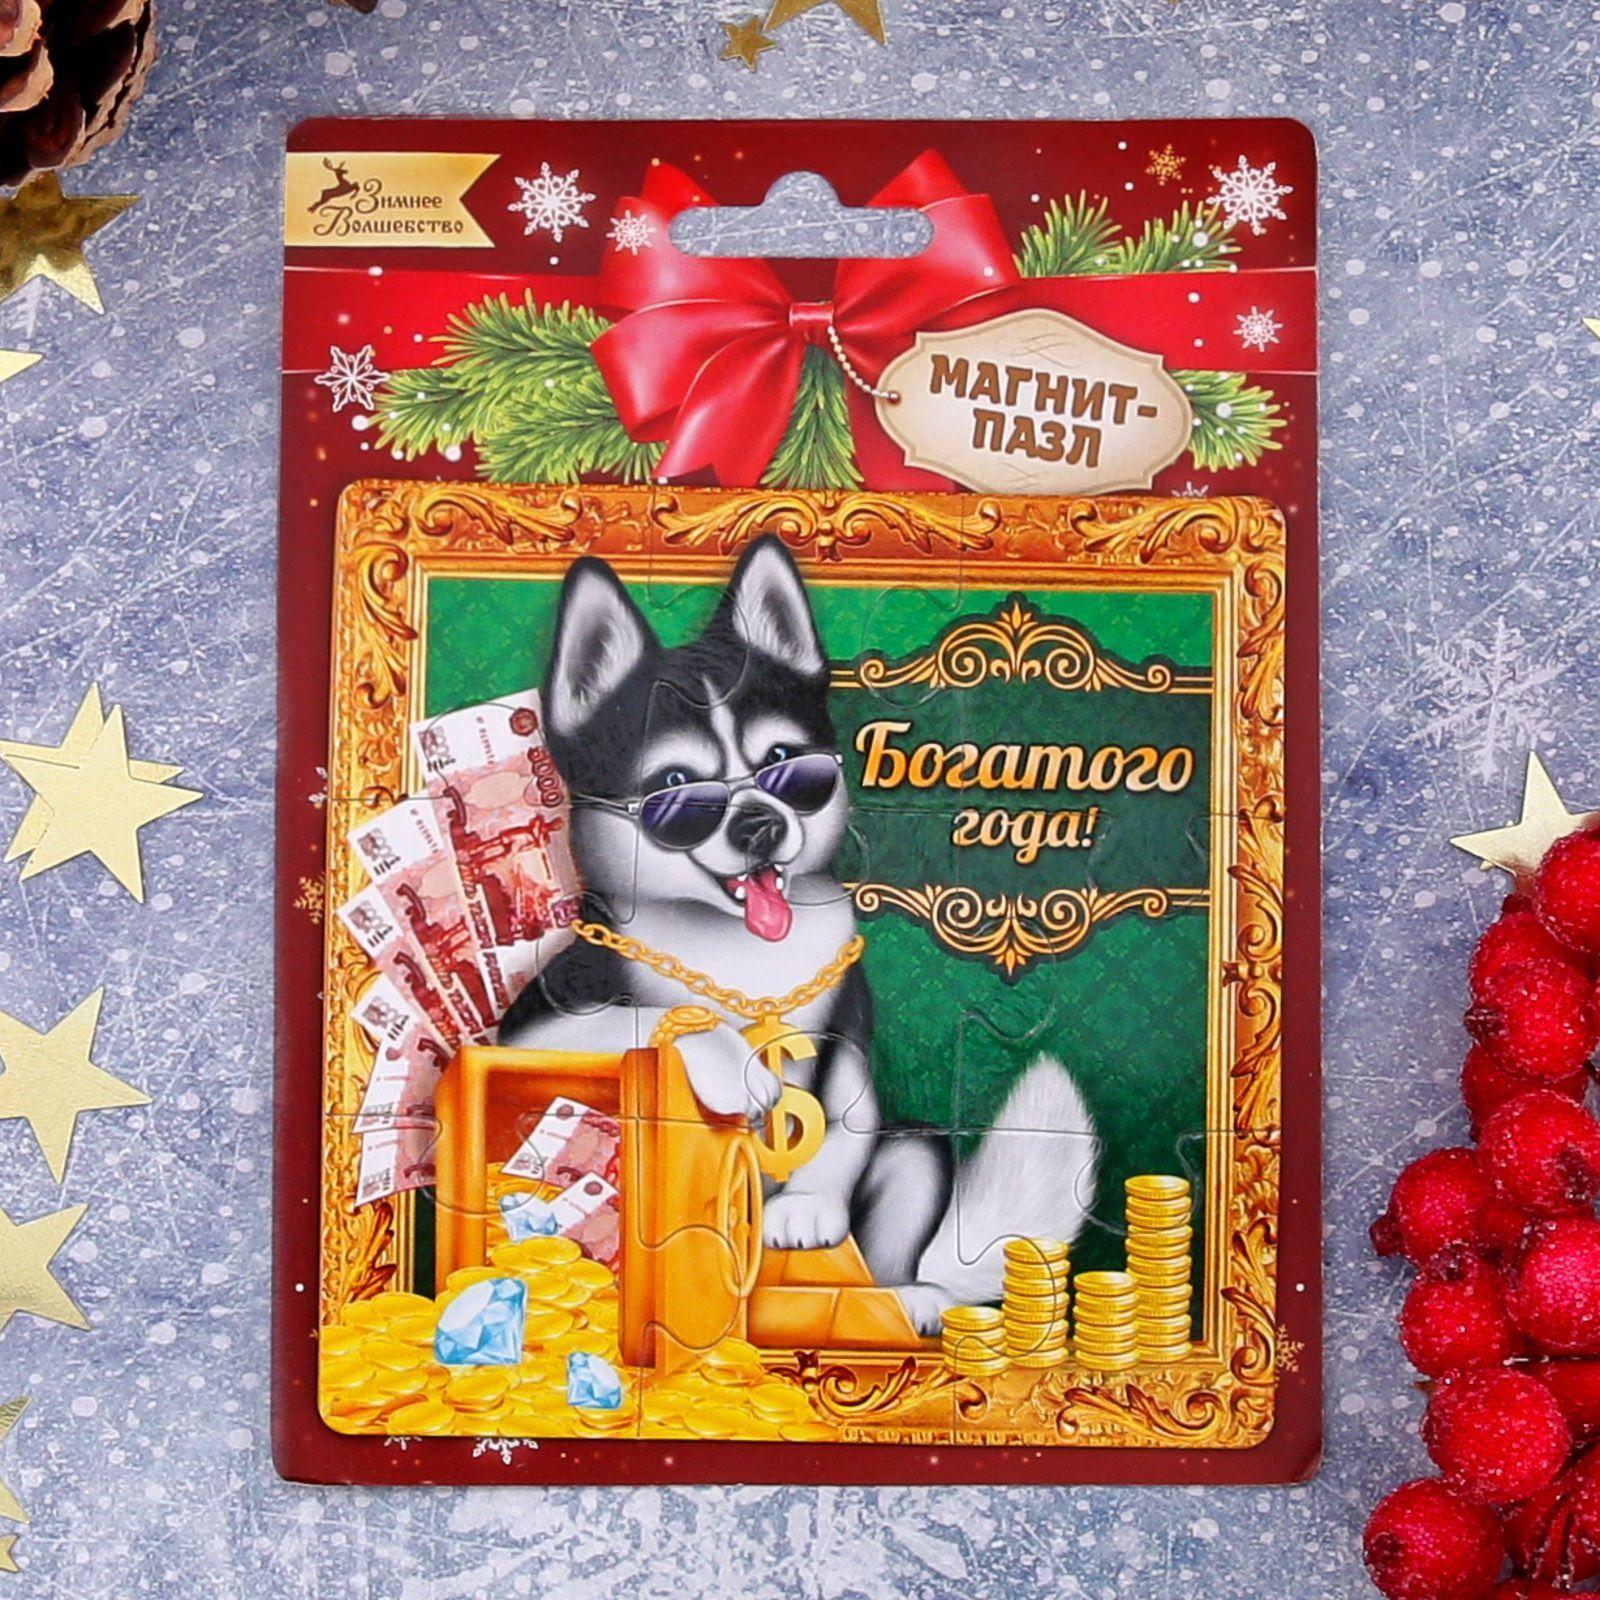 Магнит-пазл Sima-land Богатого года!, 9 х 9 см1933282Порадуйте родных и близких оригинальным сувениром: преподнесите в подарок магнит. С ним даже самый серьёзный человек почувствует себя ребёнком, ожидающим чудо! Создайте праздничное настроение, и оно останется с вами на весь год.